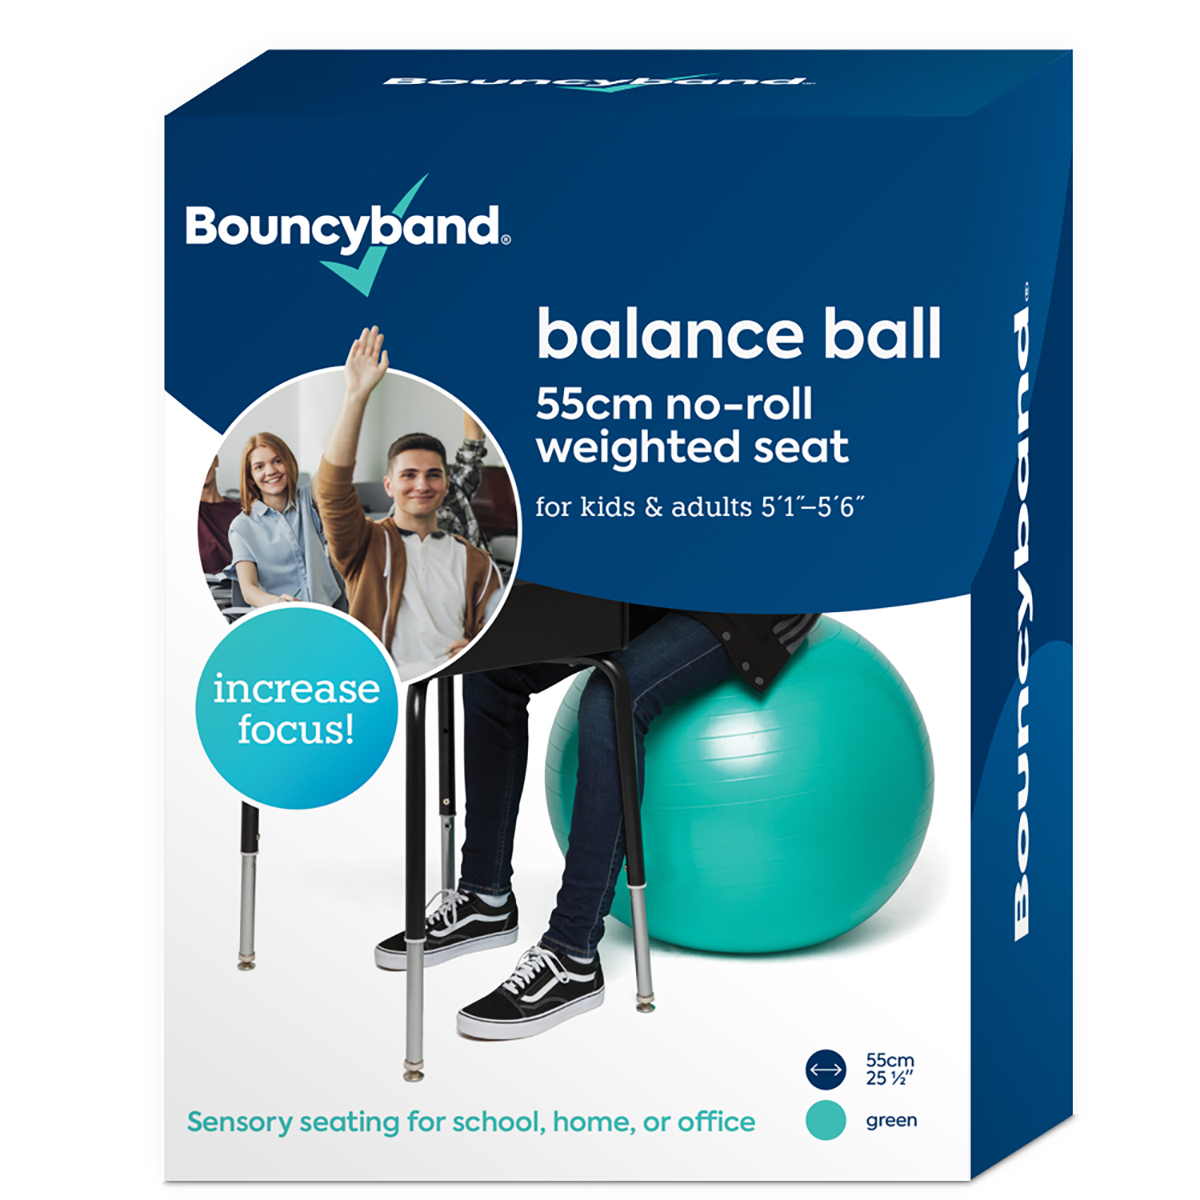 Weighted Balance Ball - Mint Green 55cm